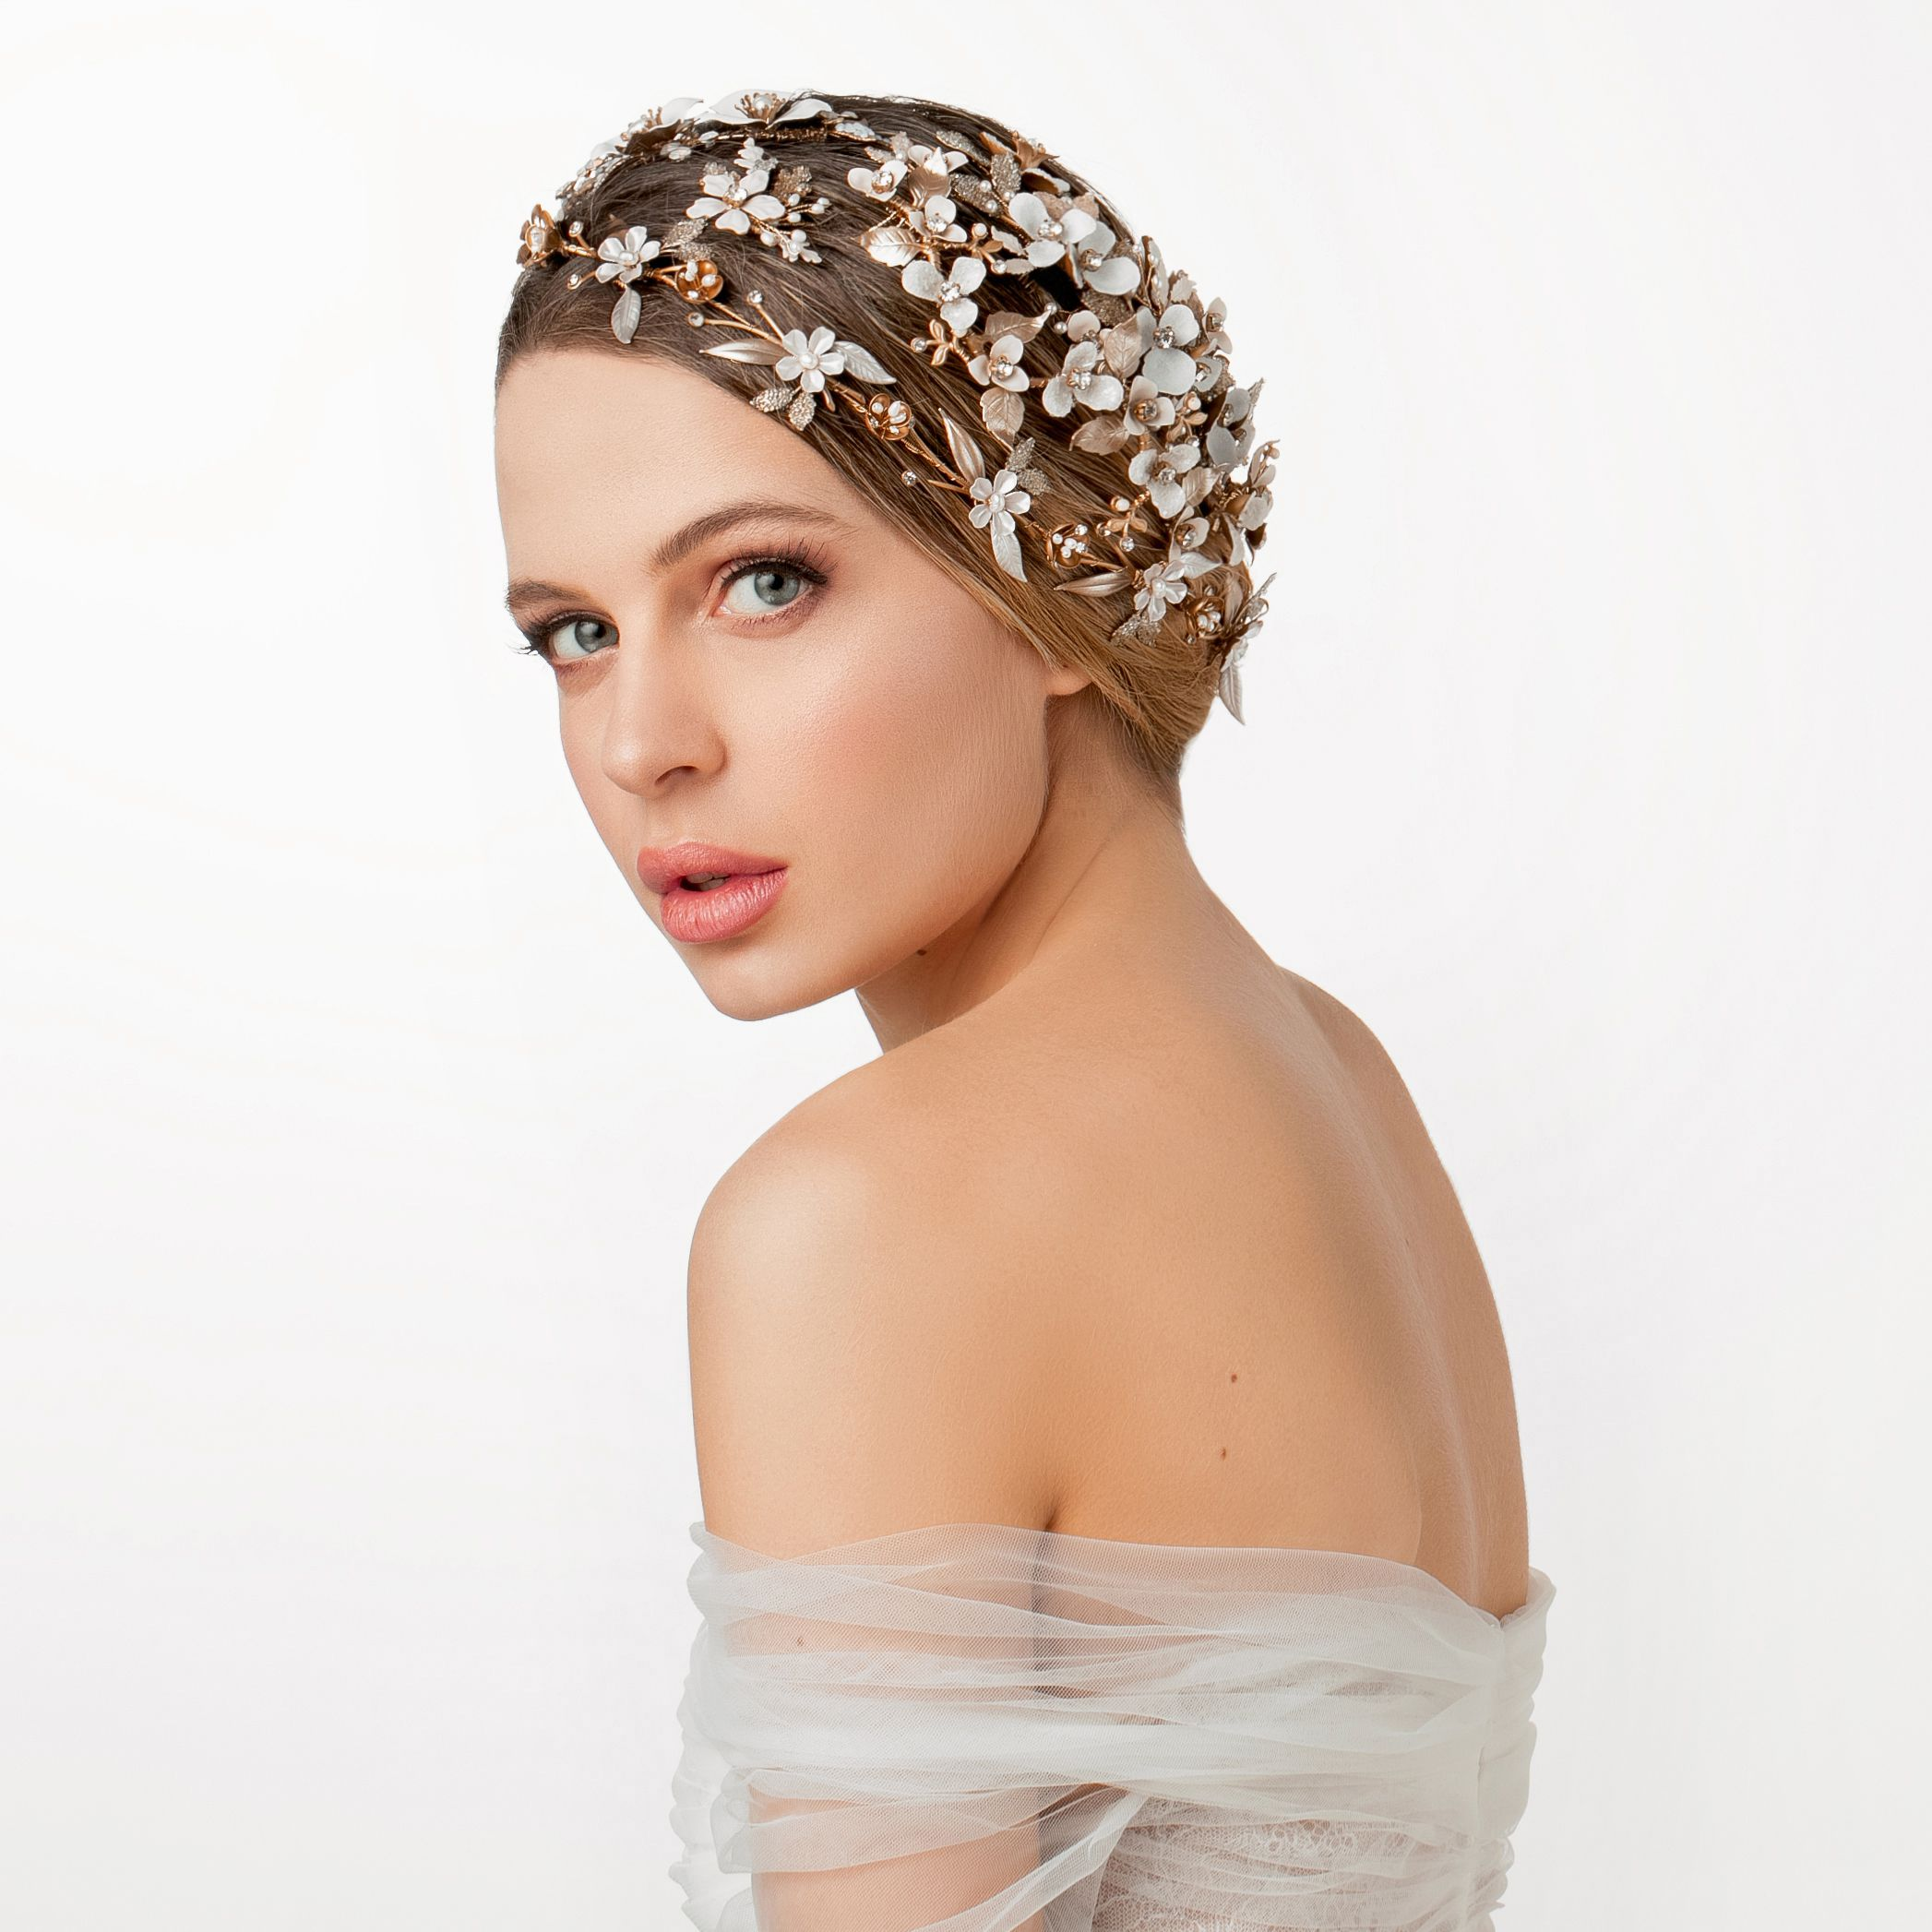 Stigla je nova kolekcija Perlet ukrasa za kosu i izgleda najlljepše do sad!